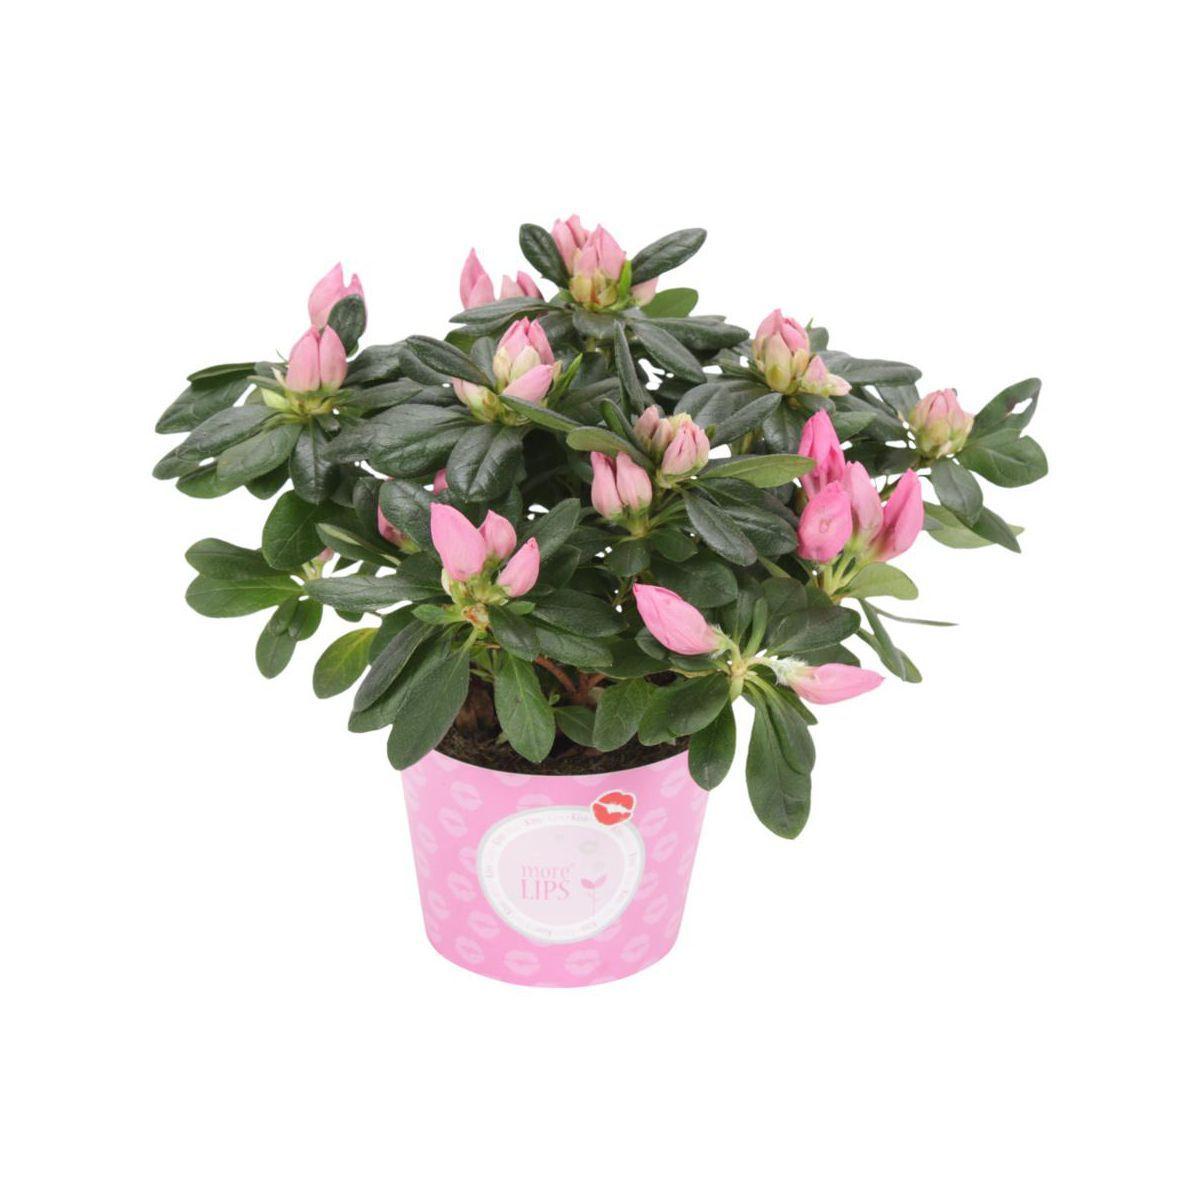 Azalia Mix 20 Cm Kwiaty Doniczkowe W Atrakcyjnej Cenie W Sklepach Leroy Merlin Azalia Plants